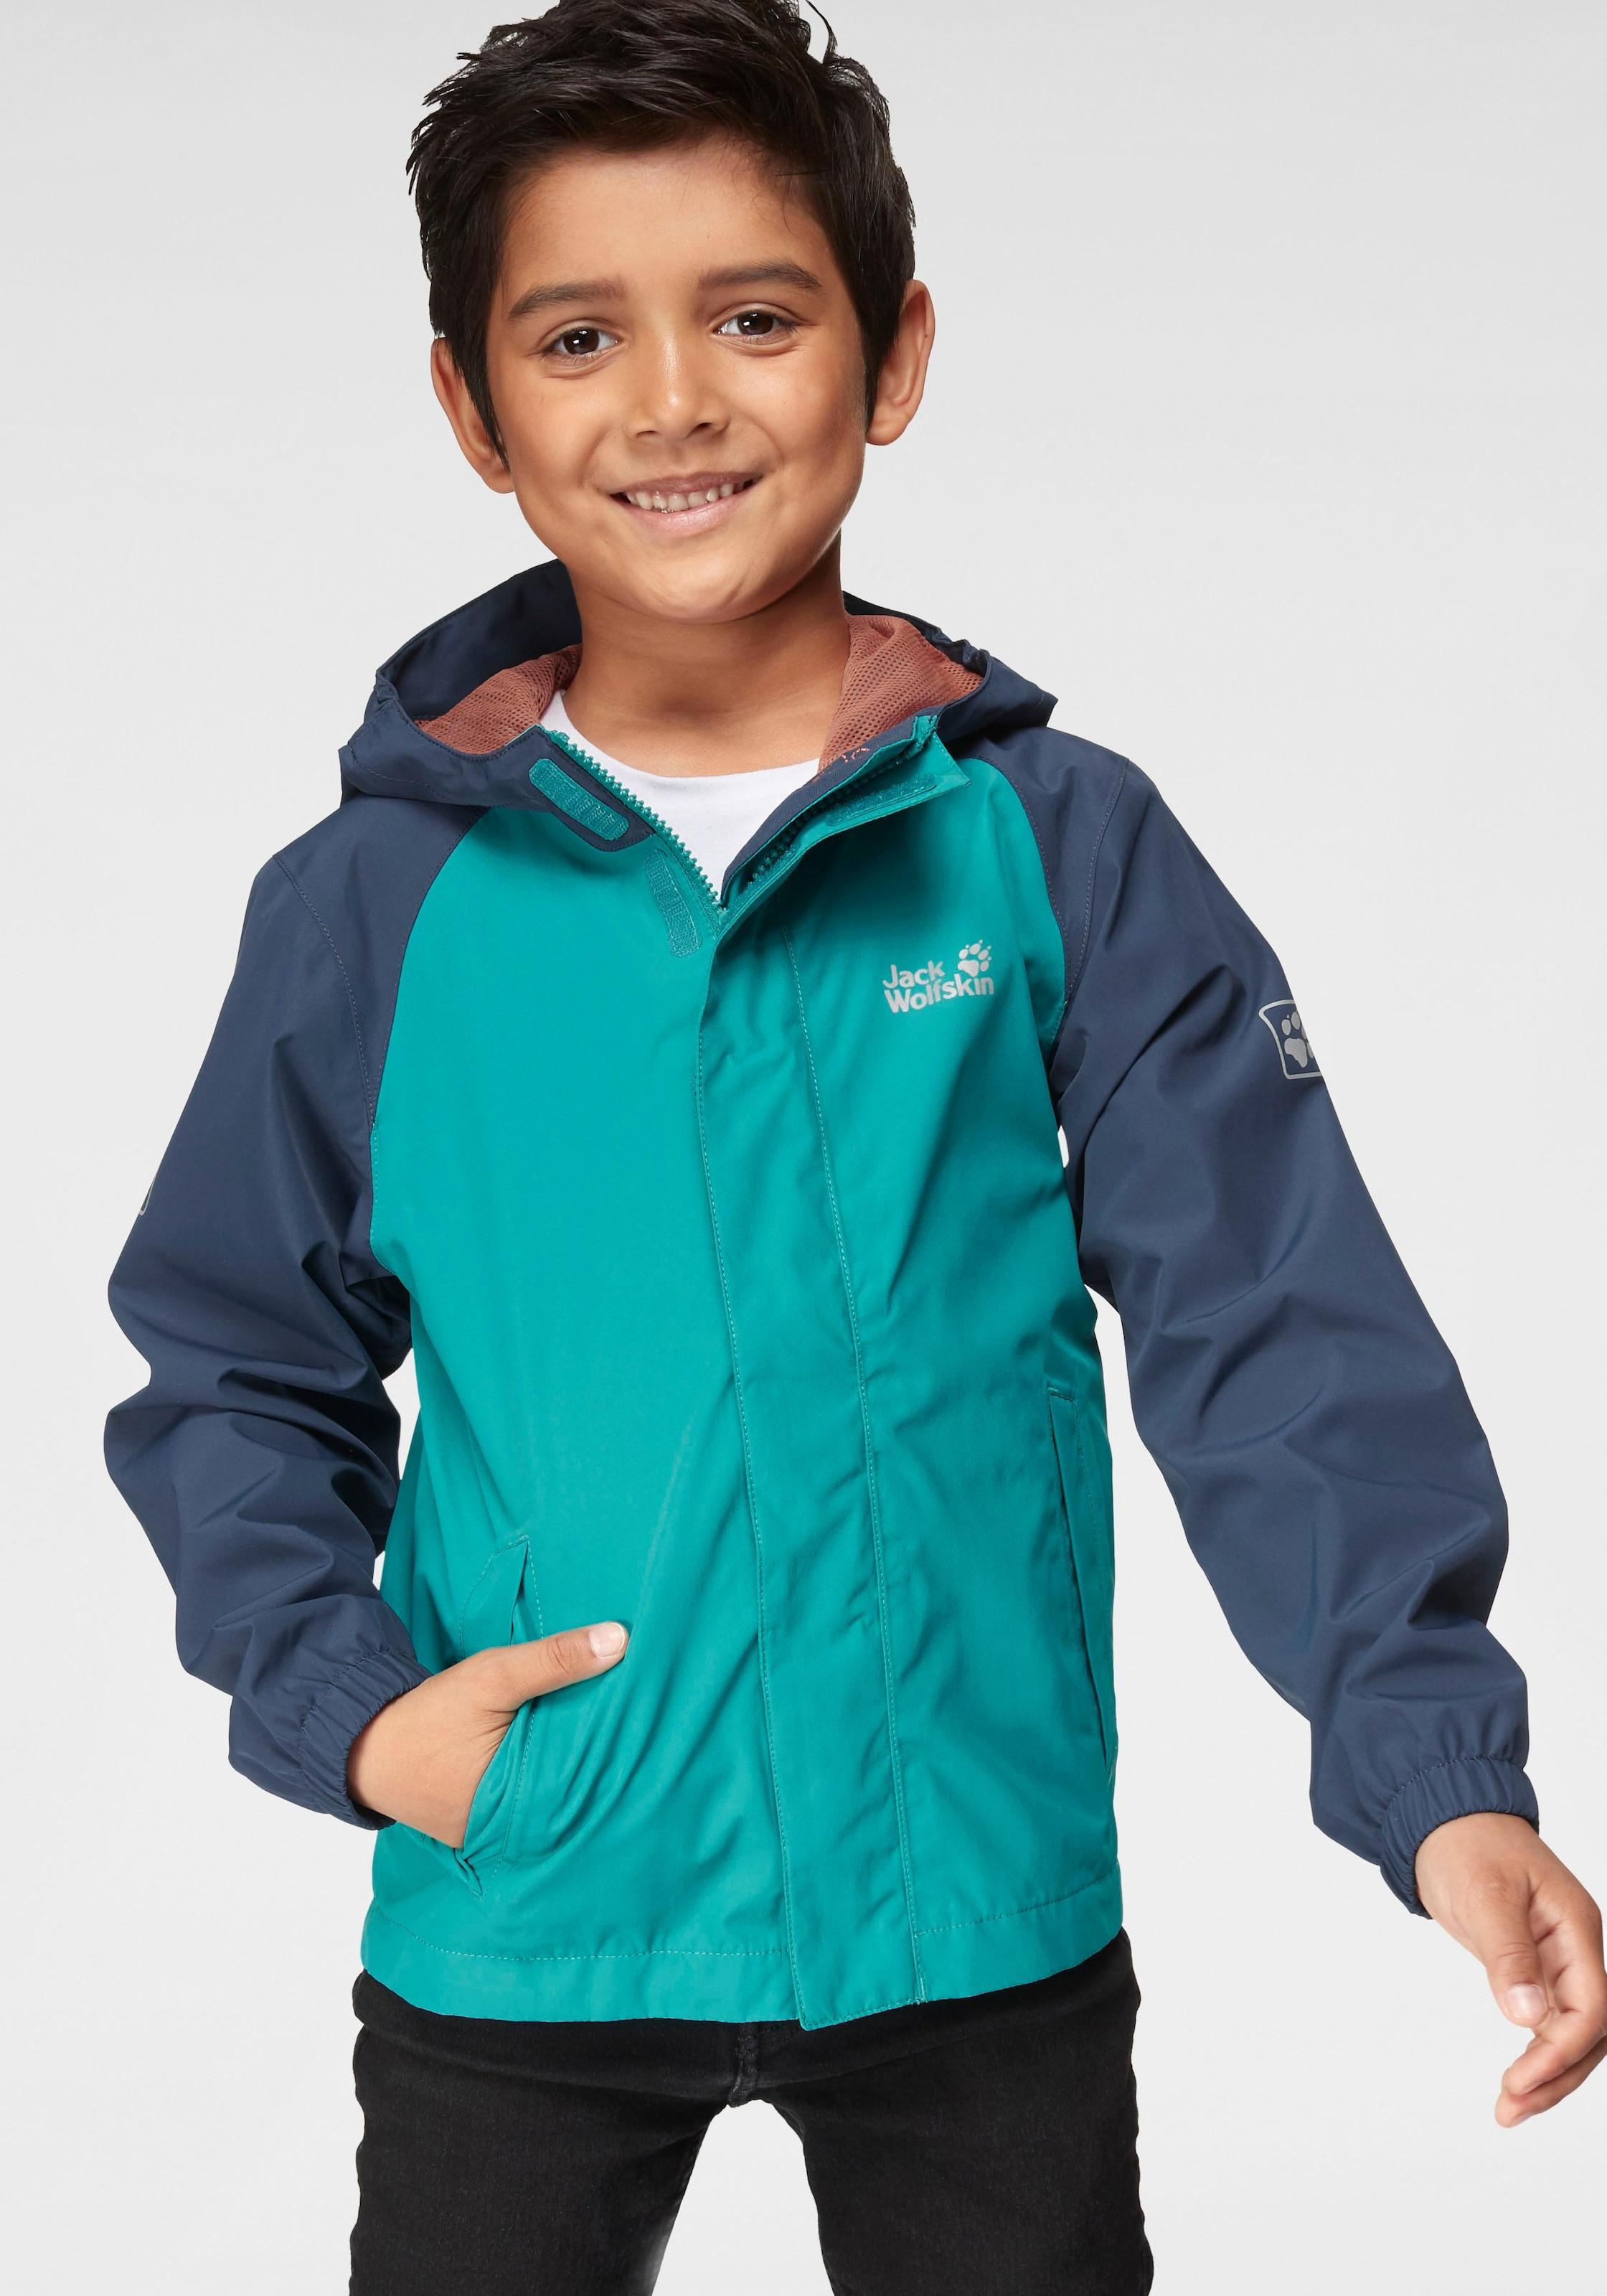 Jungenbekleidung von Jack Wolfskin in Grün